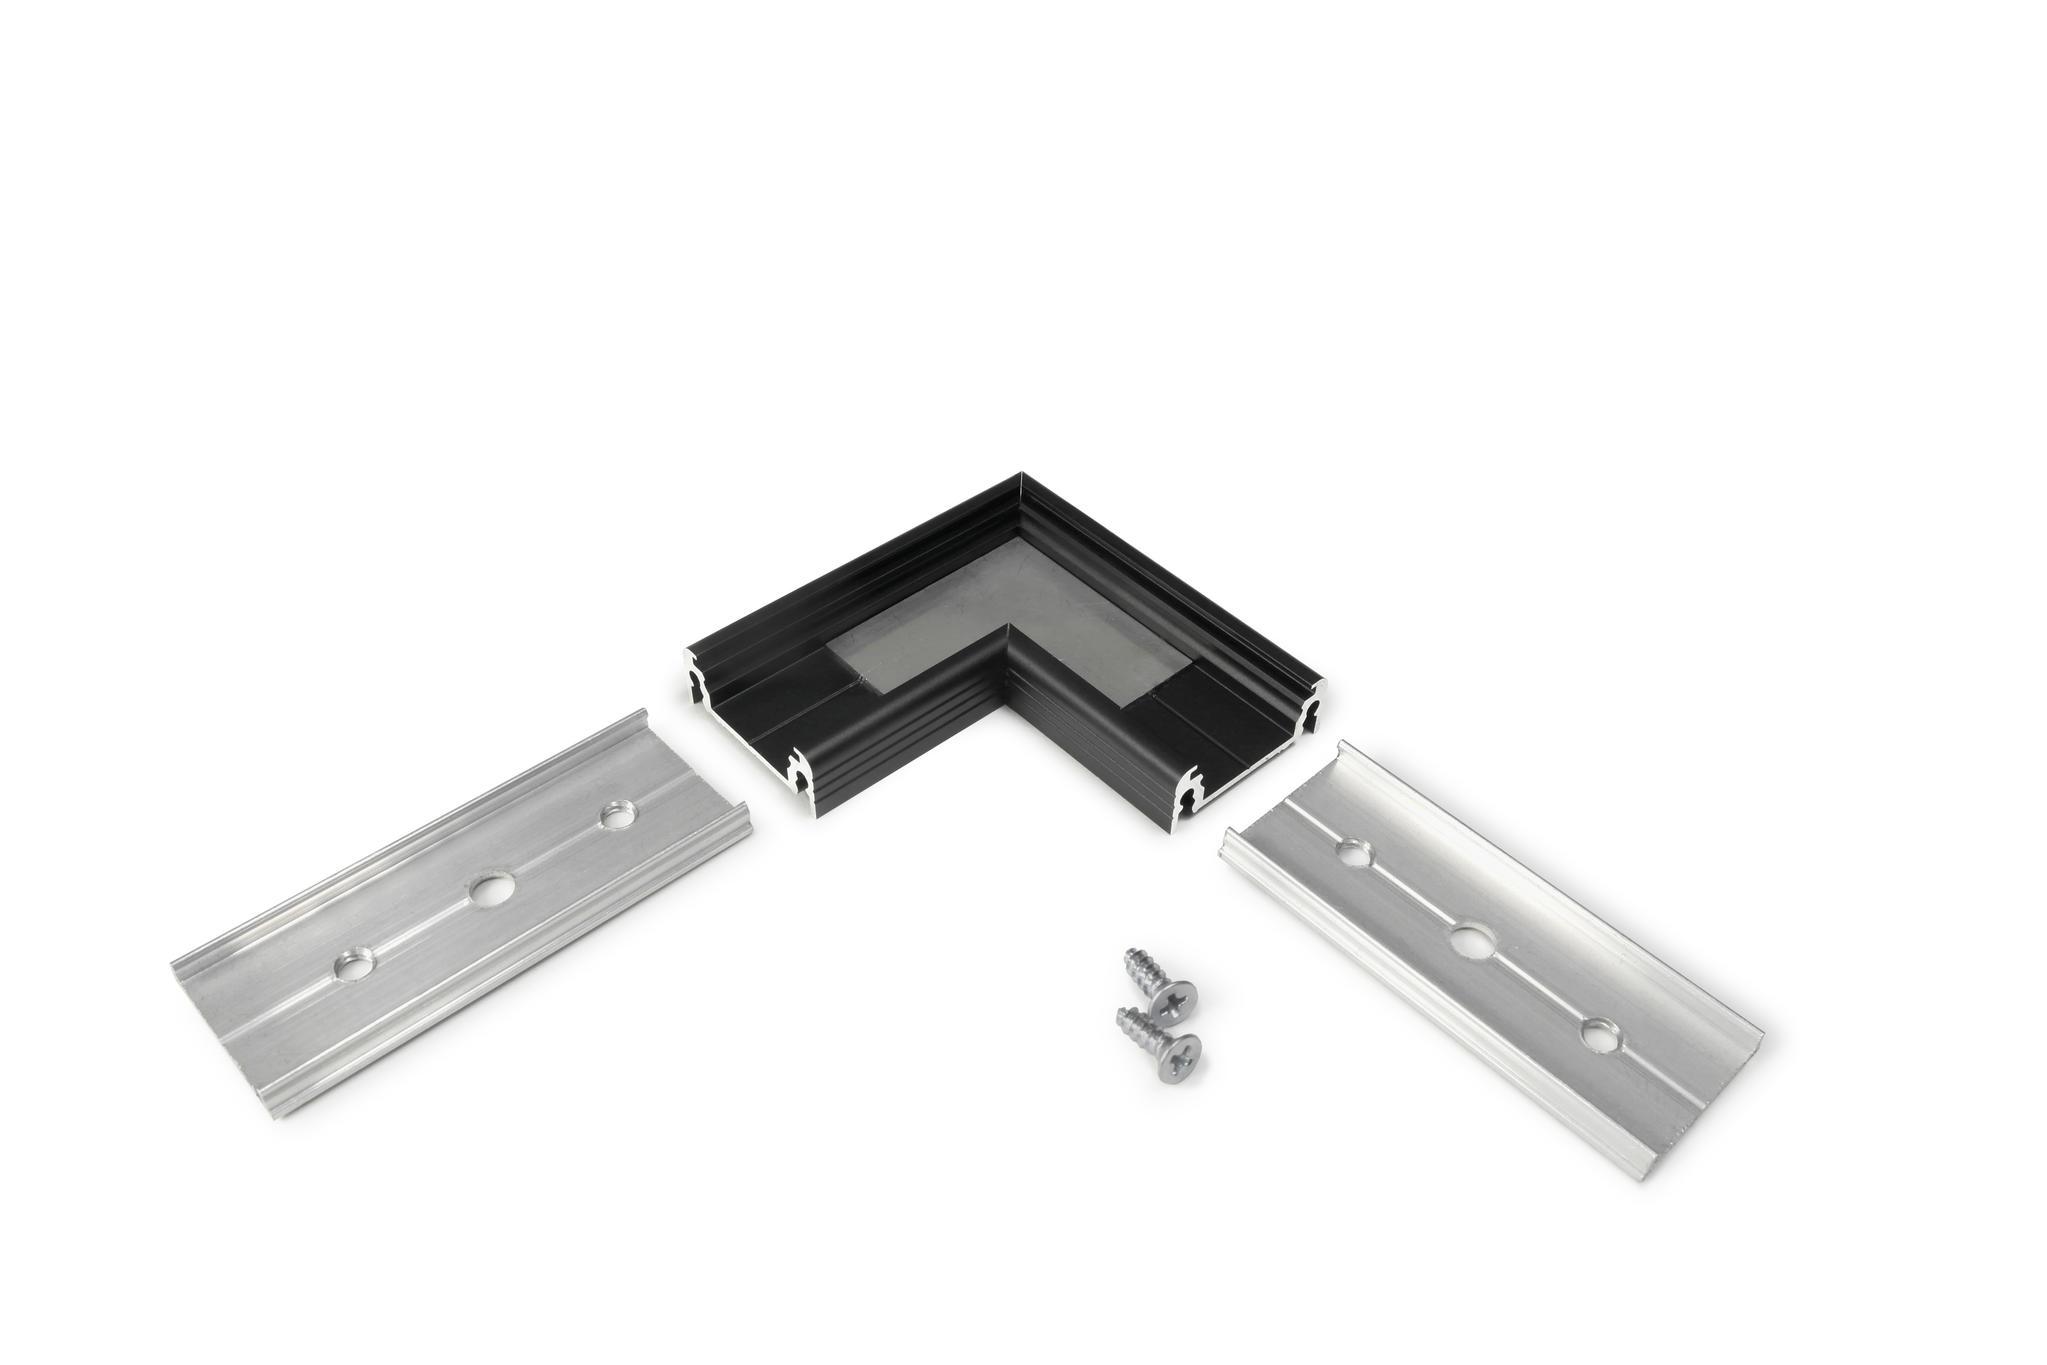 Hoekconnector voor opbouw profiel zwart